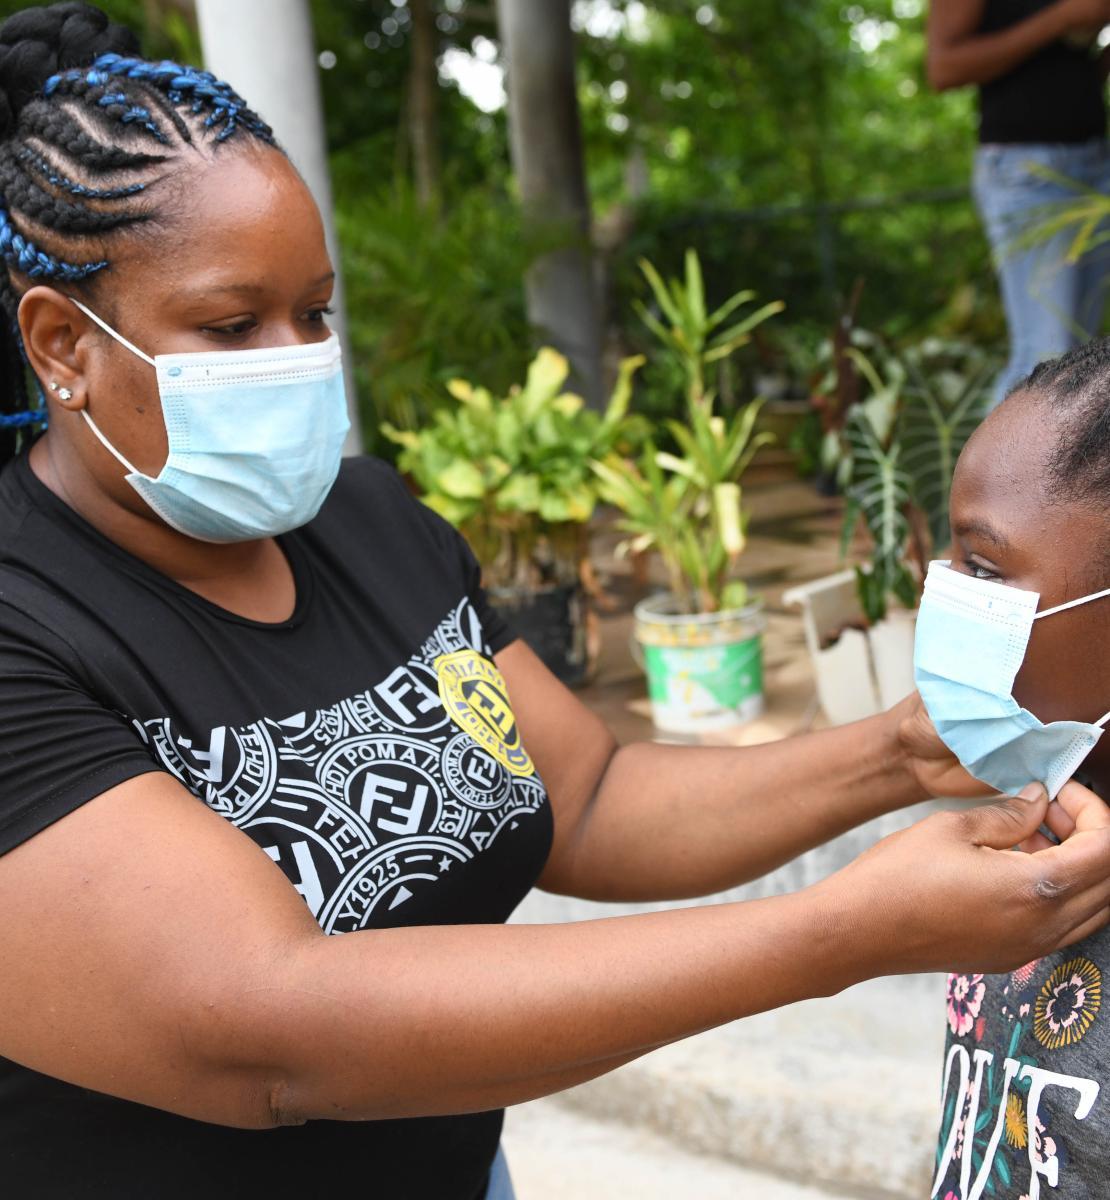 Dans une cours extérieure bordée d'arbustes, une mère ajuste le masque de protection de sa fille, une élève de l'école primaire de Little Bay. Little Bay est une commune principalement composée de pêcheurs située à Westmoreland, à l'extrémité ouest de l'île de la Jamaïque.